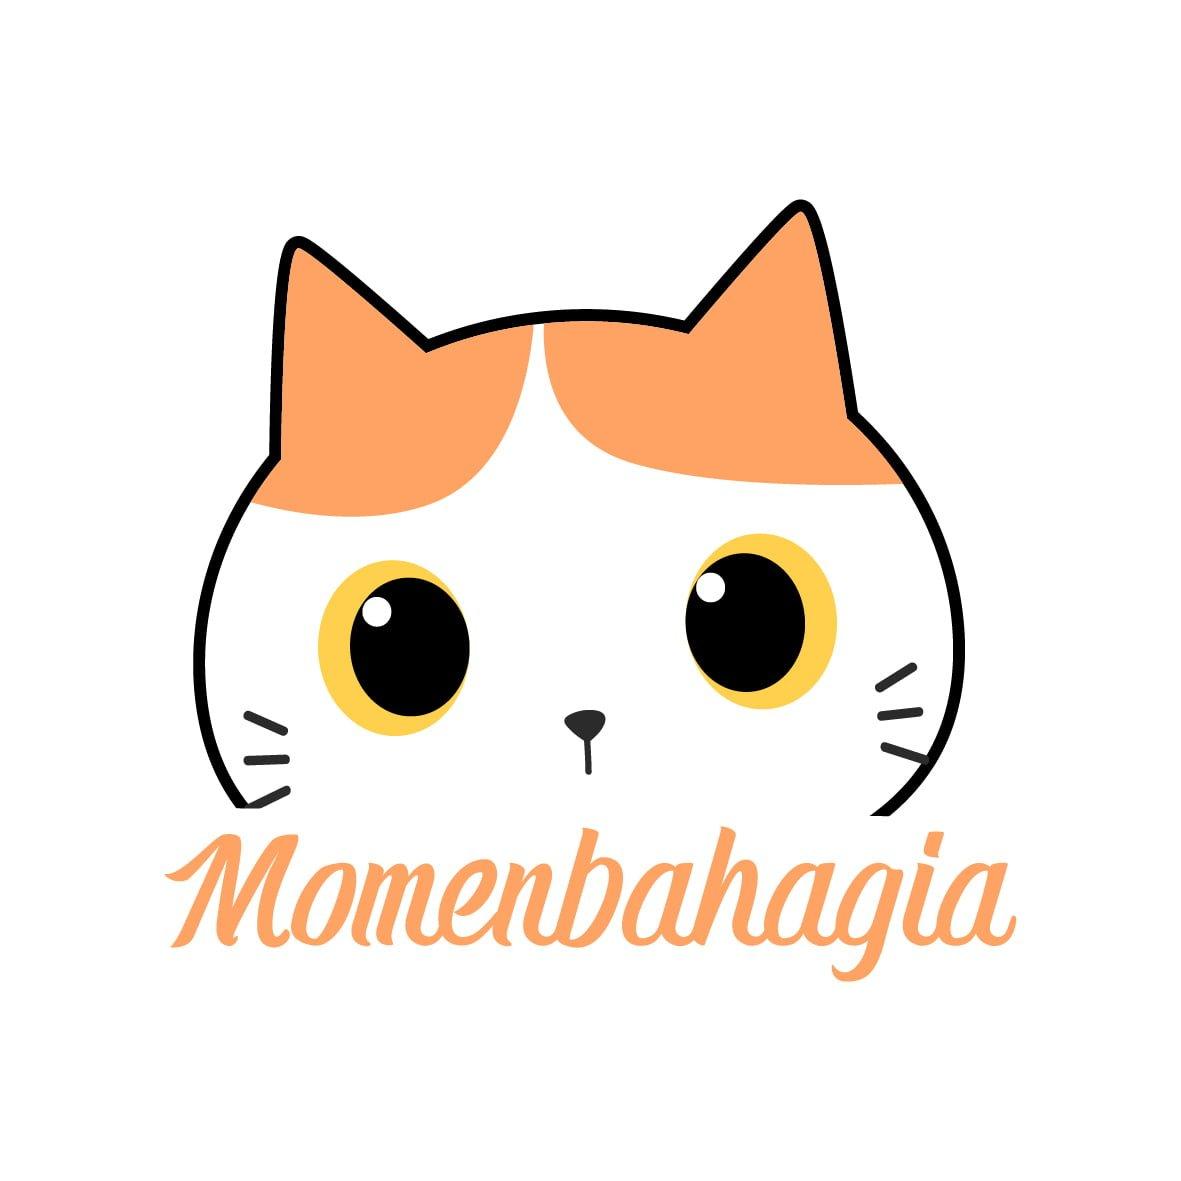 MomenBahagia